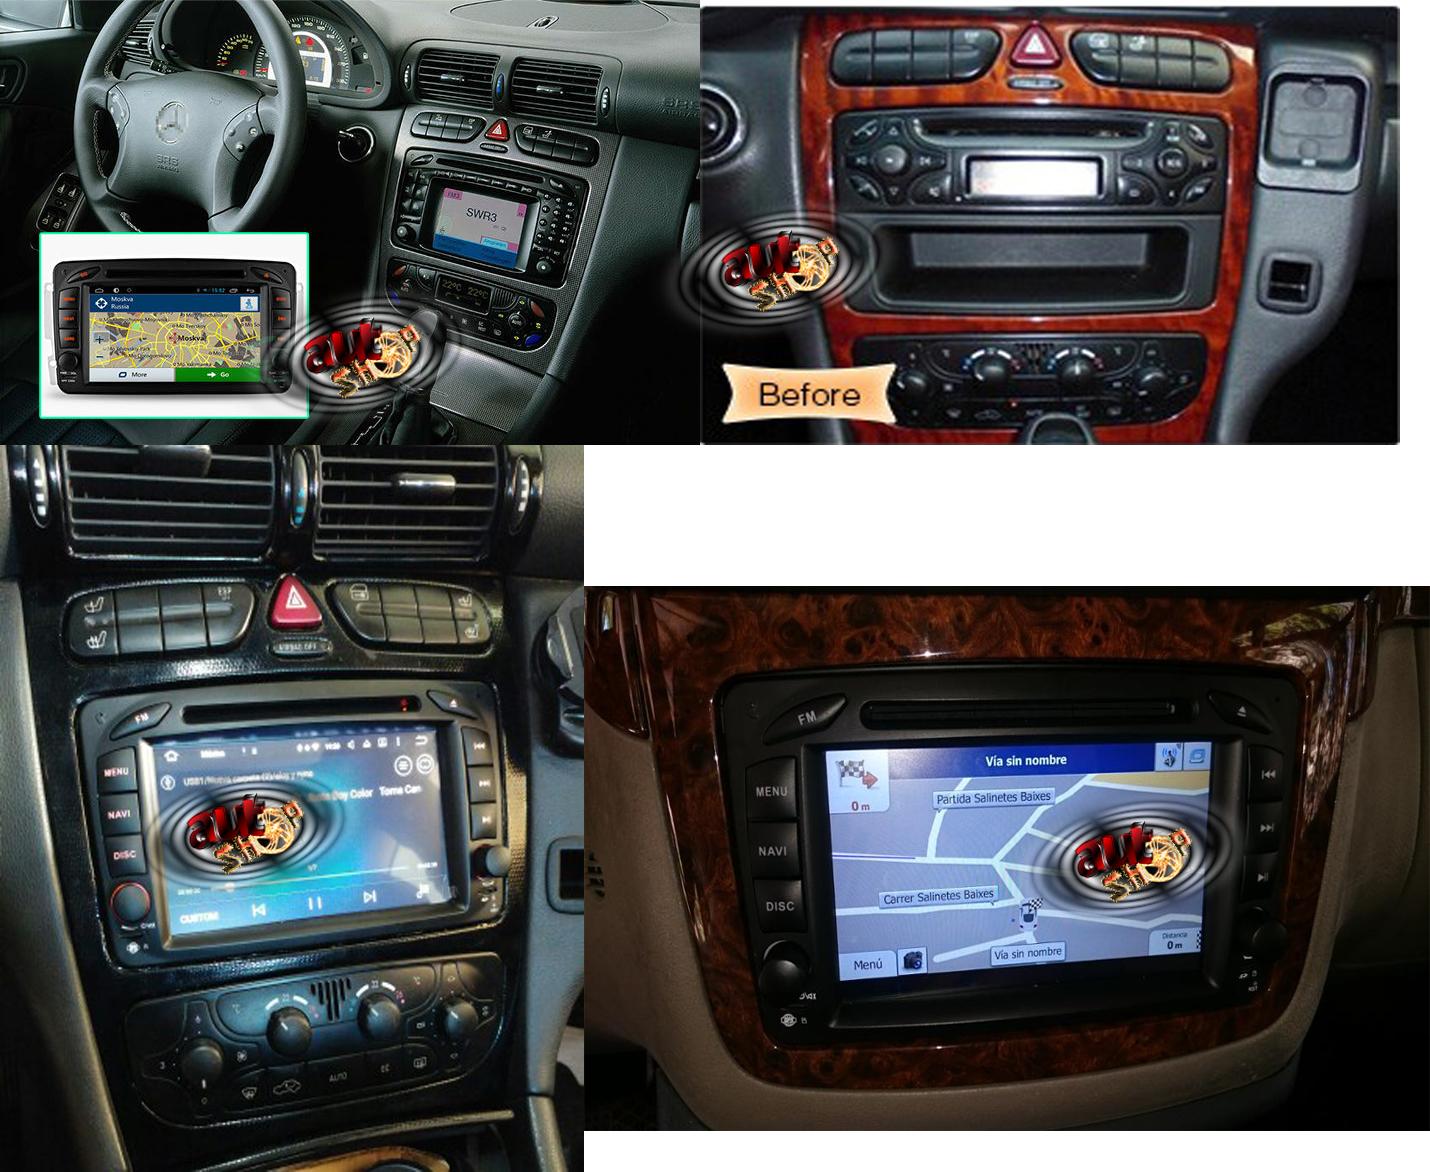 navigatie cu android mercedes W203 W168 W208 W209 W210 W463 W163 W170 Viano Vito cu android bluetooth radio internet caraudiomarket